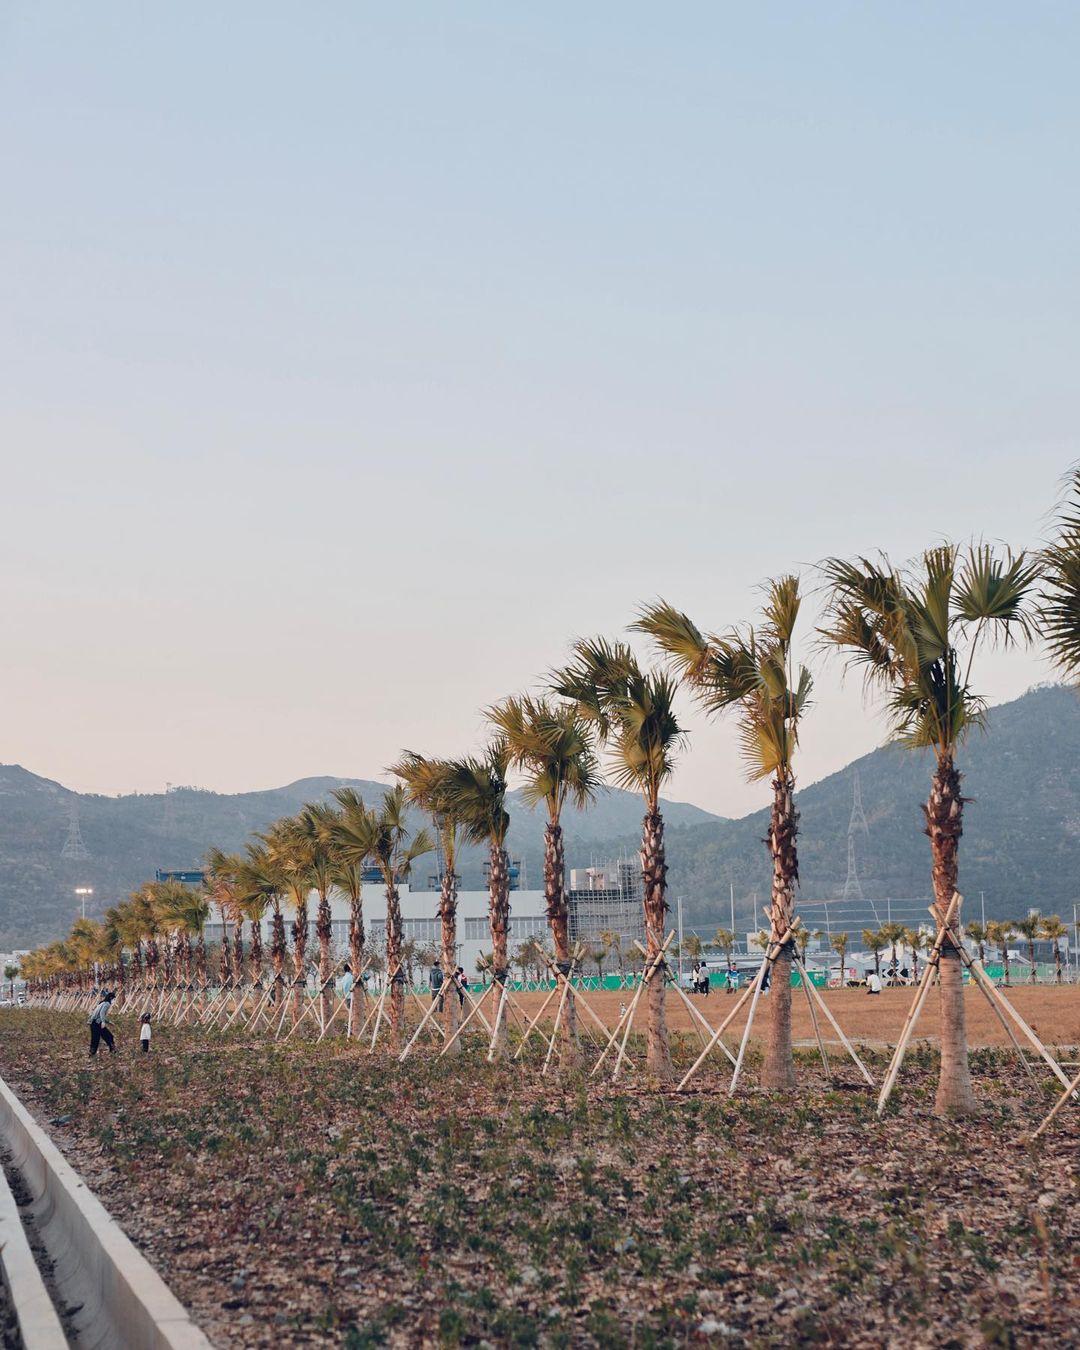 一整排的樹木與草地,周末一齊去親親大自然啦(圖片來源:IG@emily_0224)